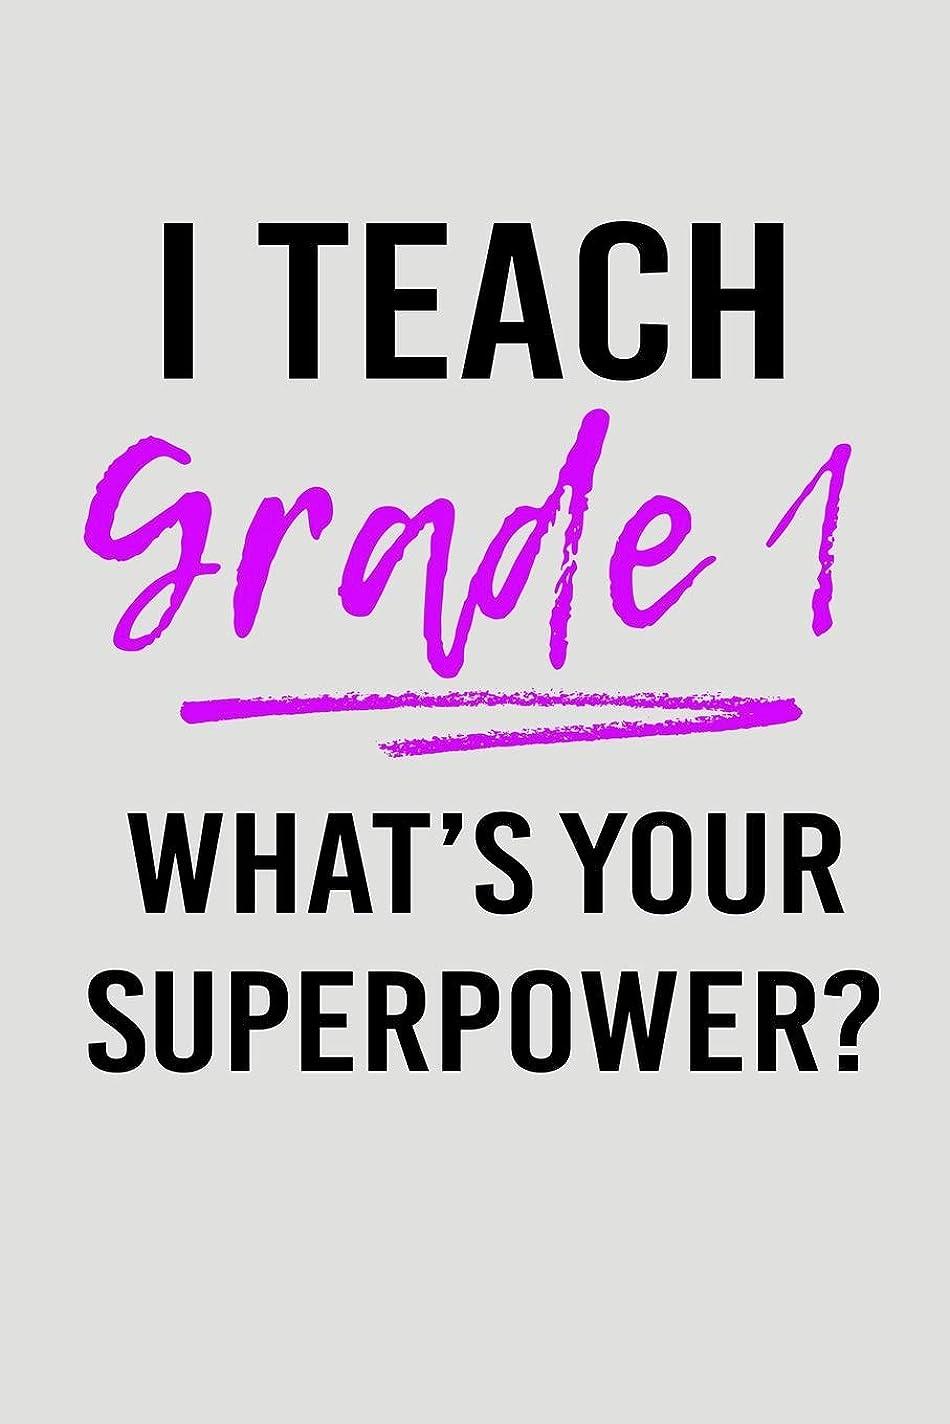 差ベッツィトロットウッド成長I Teach Grade 1 What's Your Superpower?: Blank Lined Journal To Write In Teacher Notebook V2